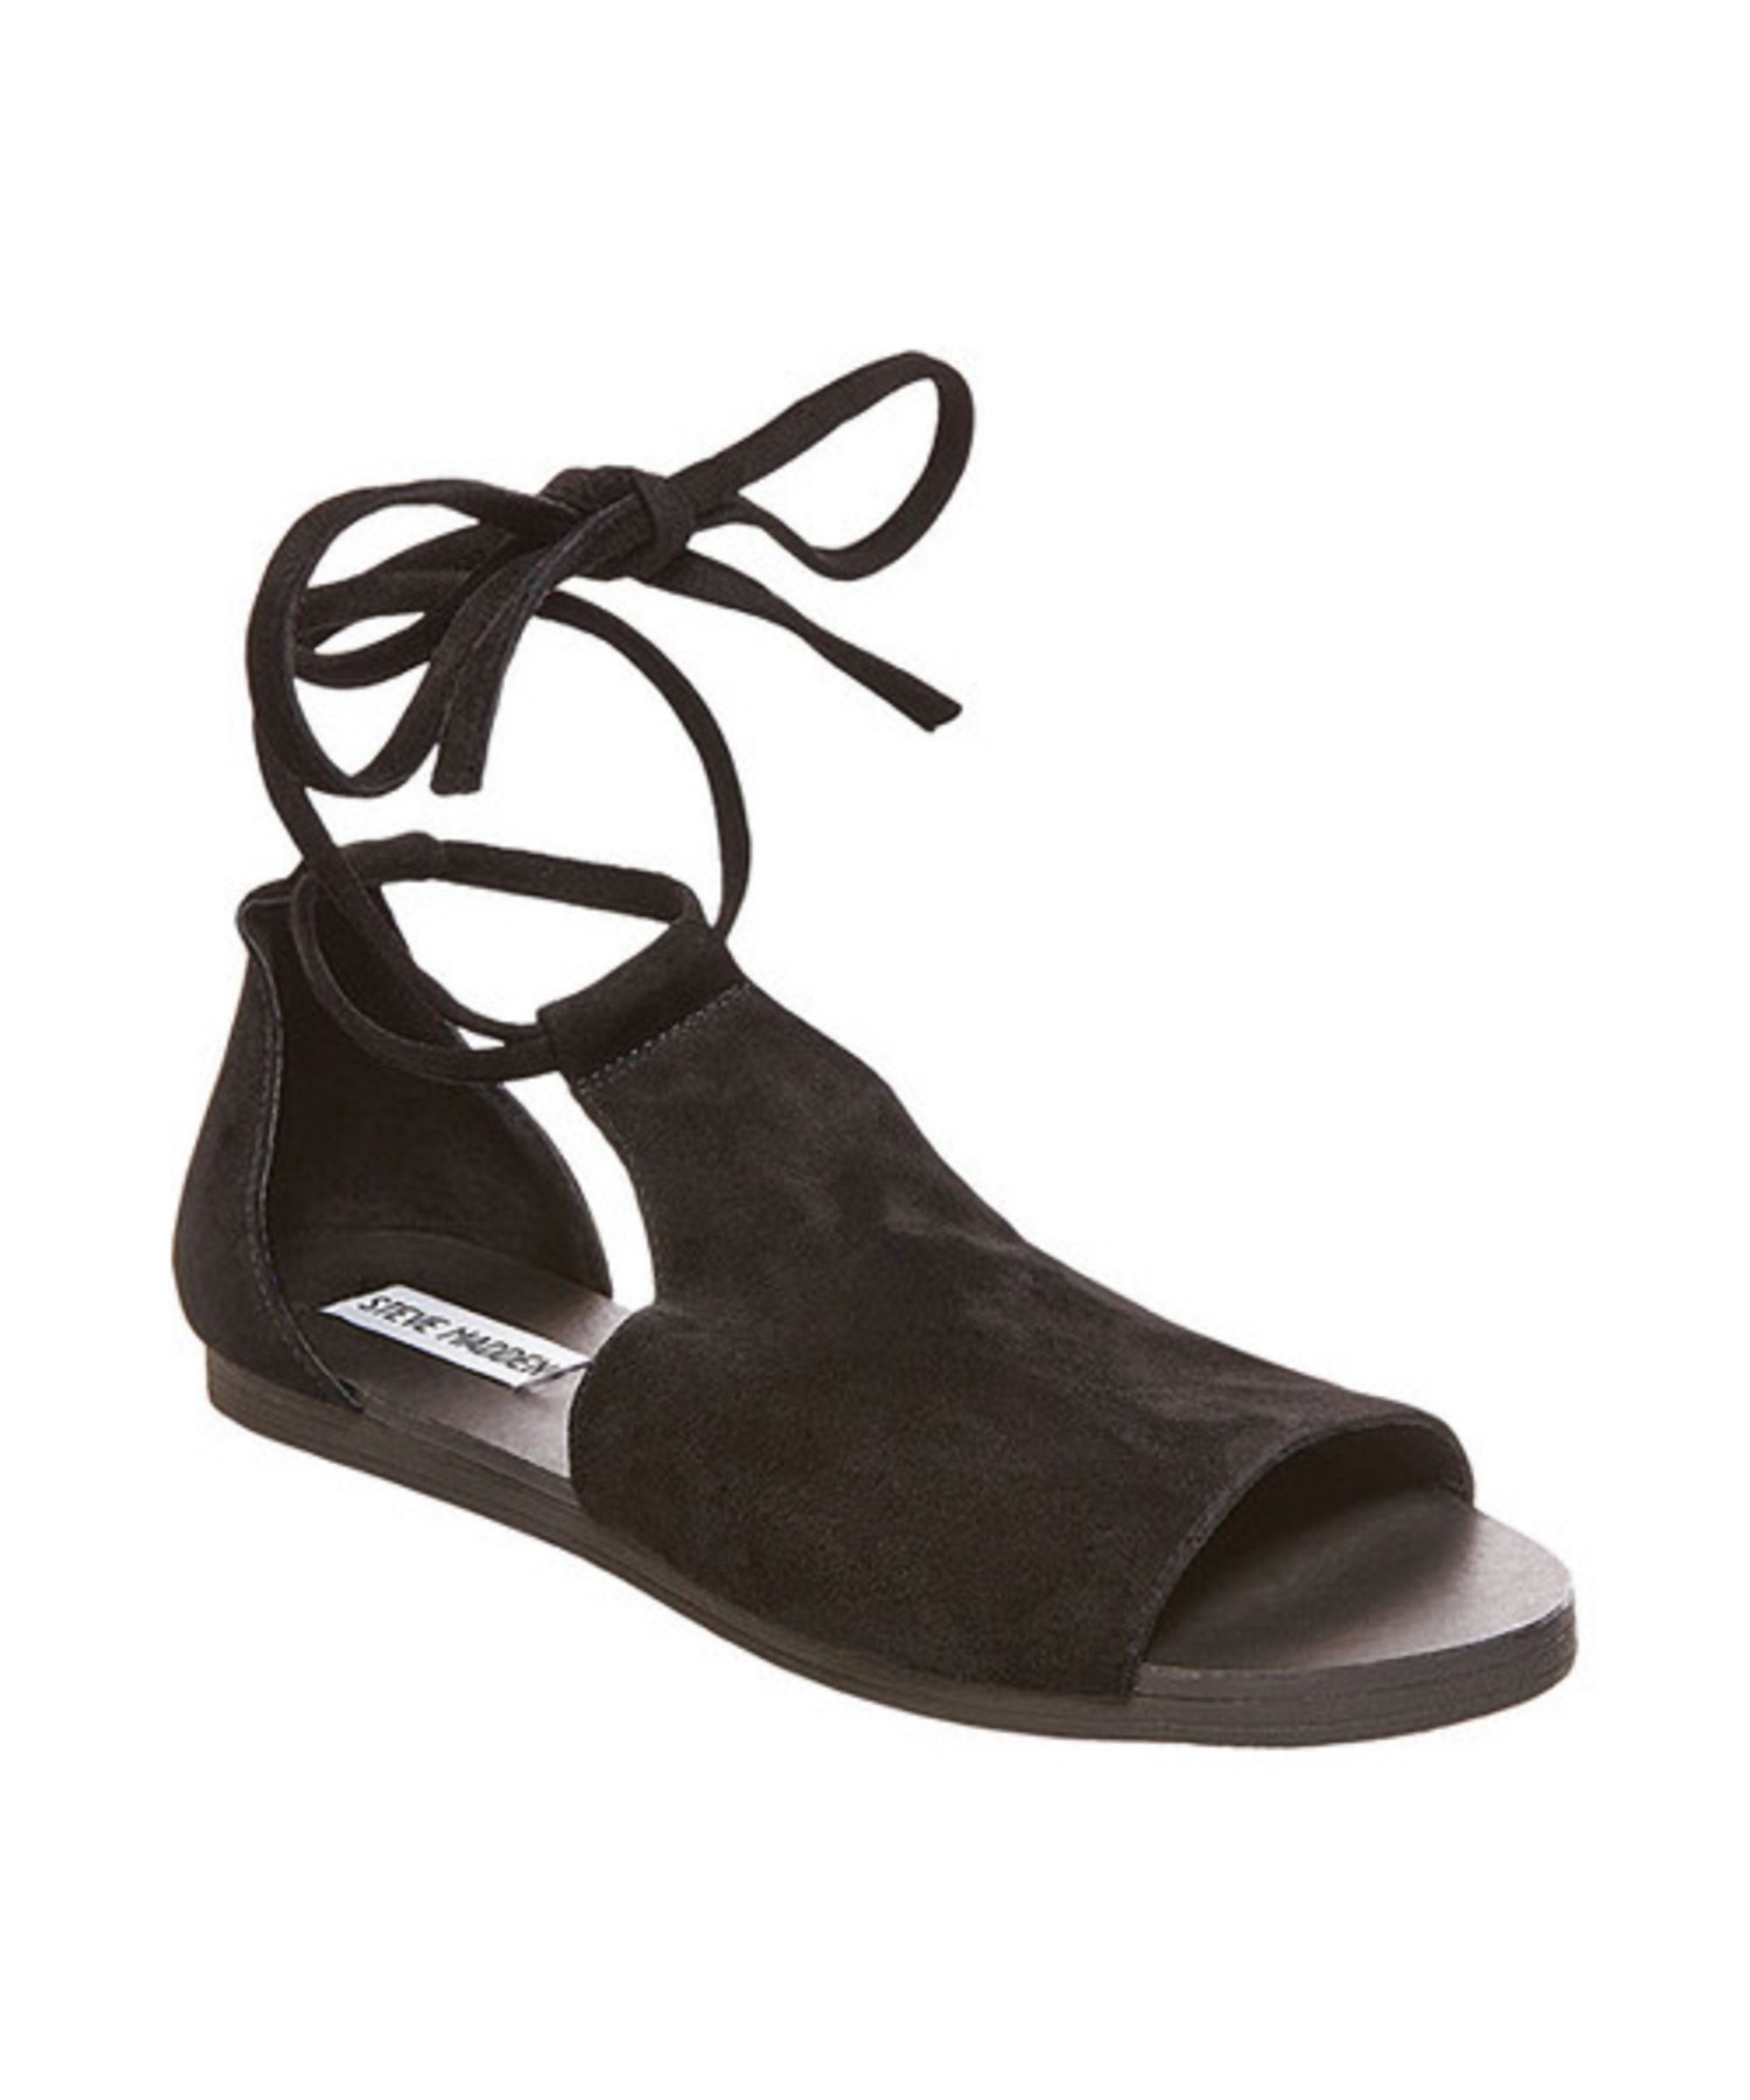 STEVE MADDEN | Steve Madden Women's Elaina Lace Up Sandal #Shoes #Sandals # STEVE